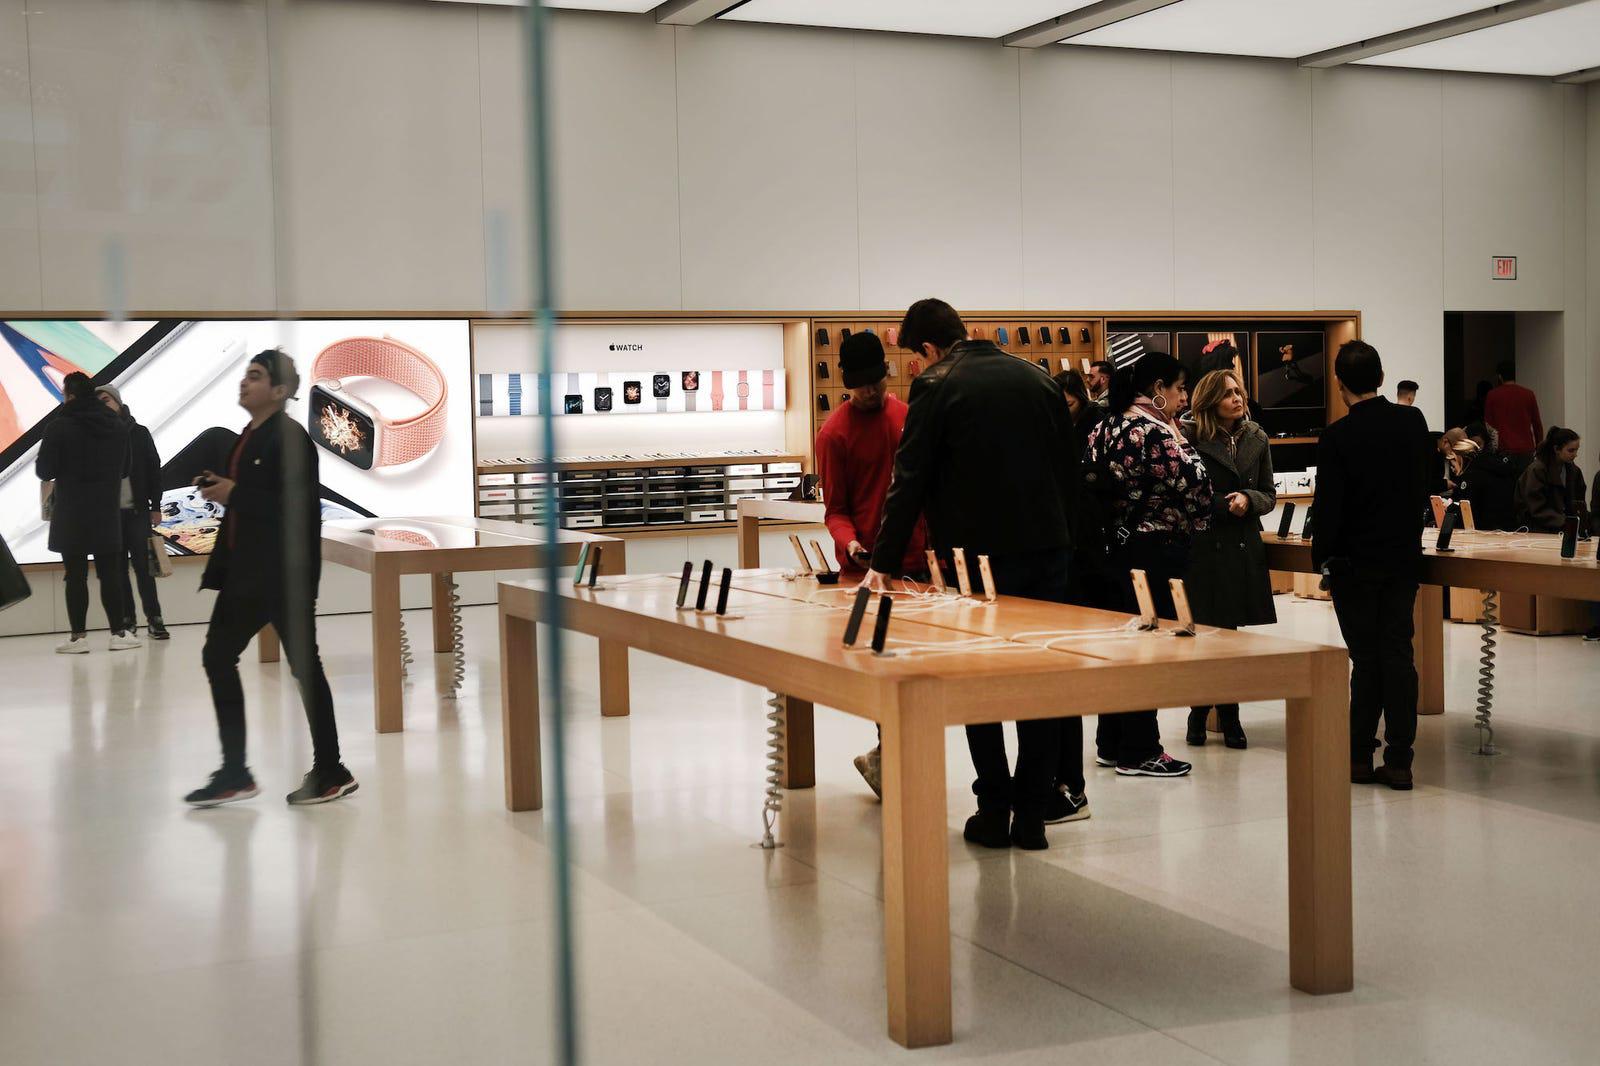 Apple Store mở cửa trở lại trong nửa đầu tháng 4 - Ảnh 1.